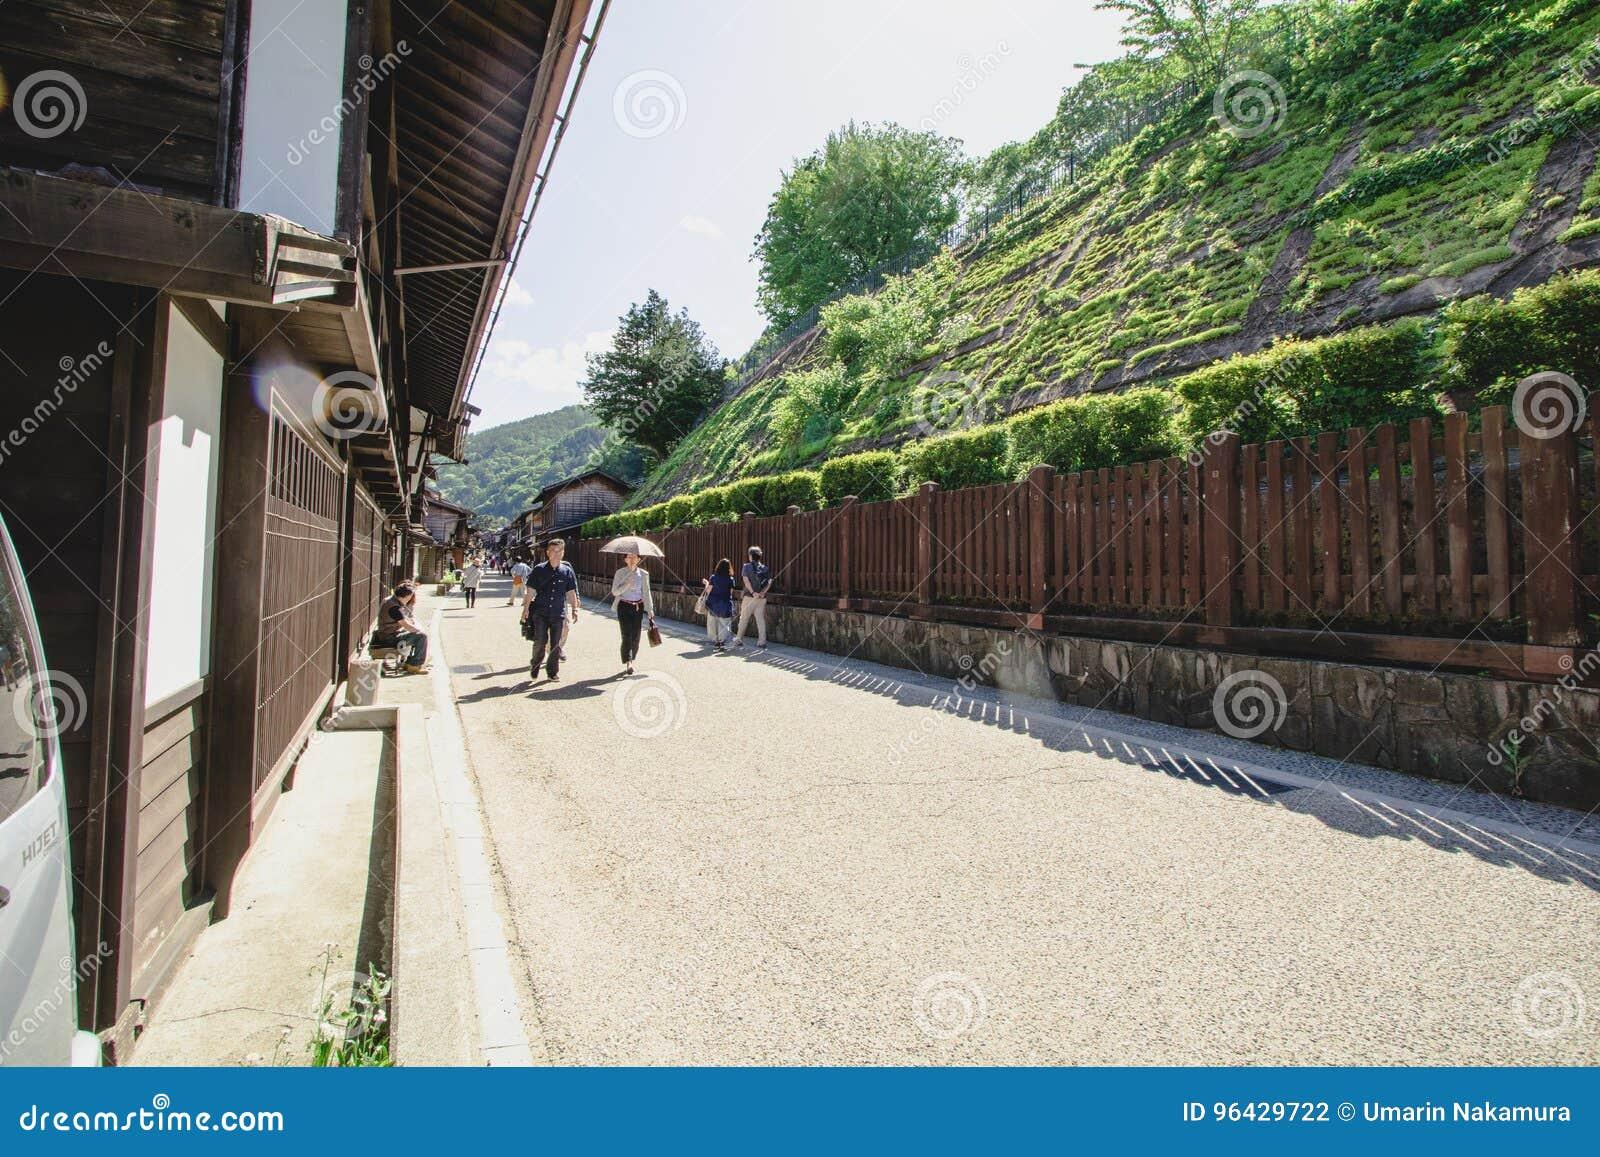 NARAI, JAPON - 4 JUIN 2017 : Les gens marchent chez Narai sont une petite ville en préfecture de Nagano